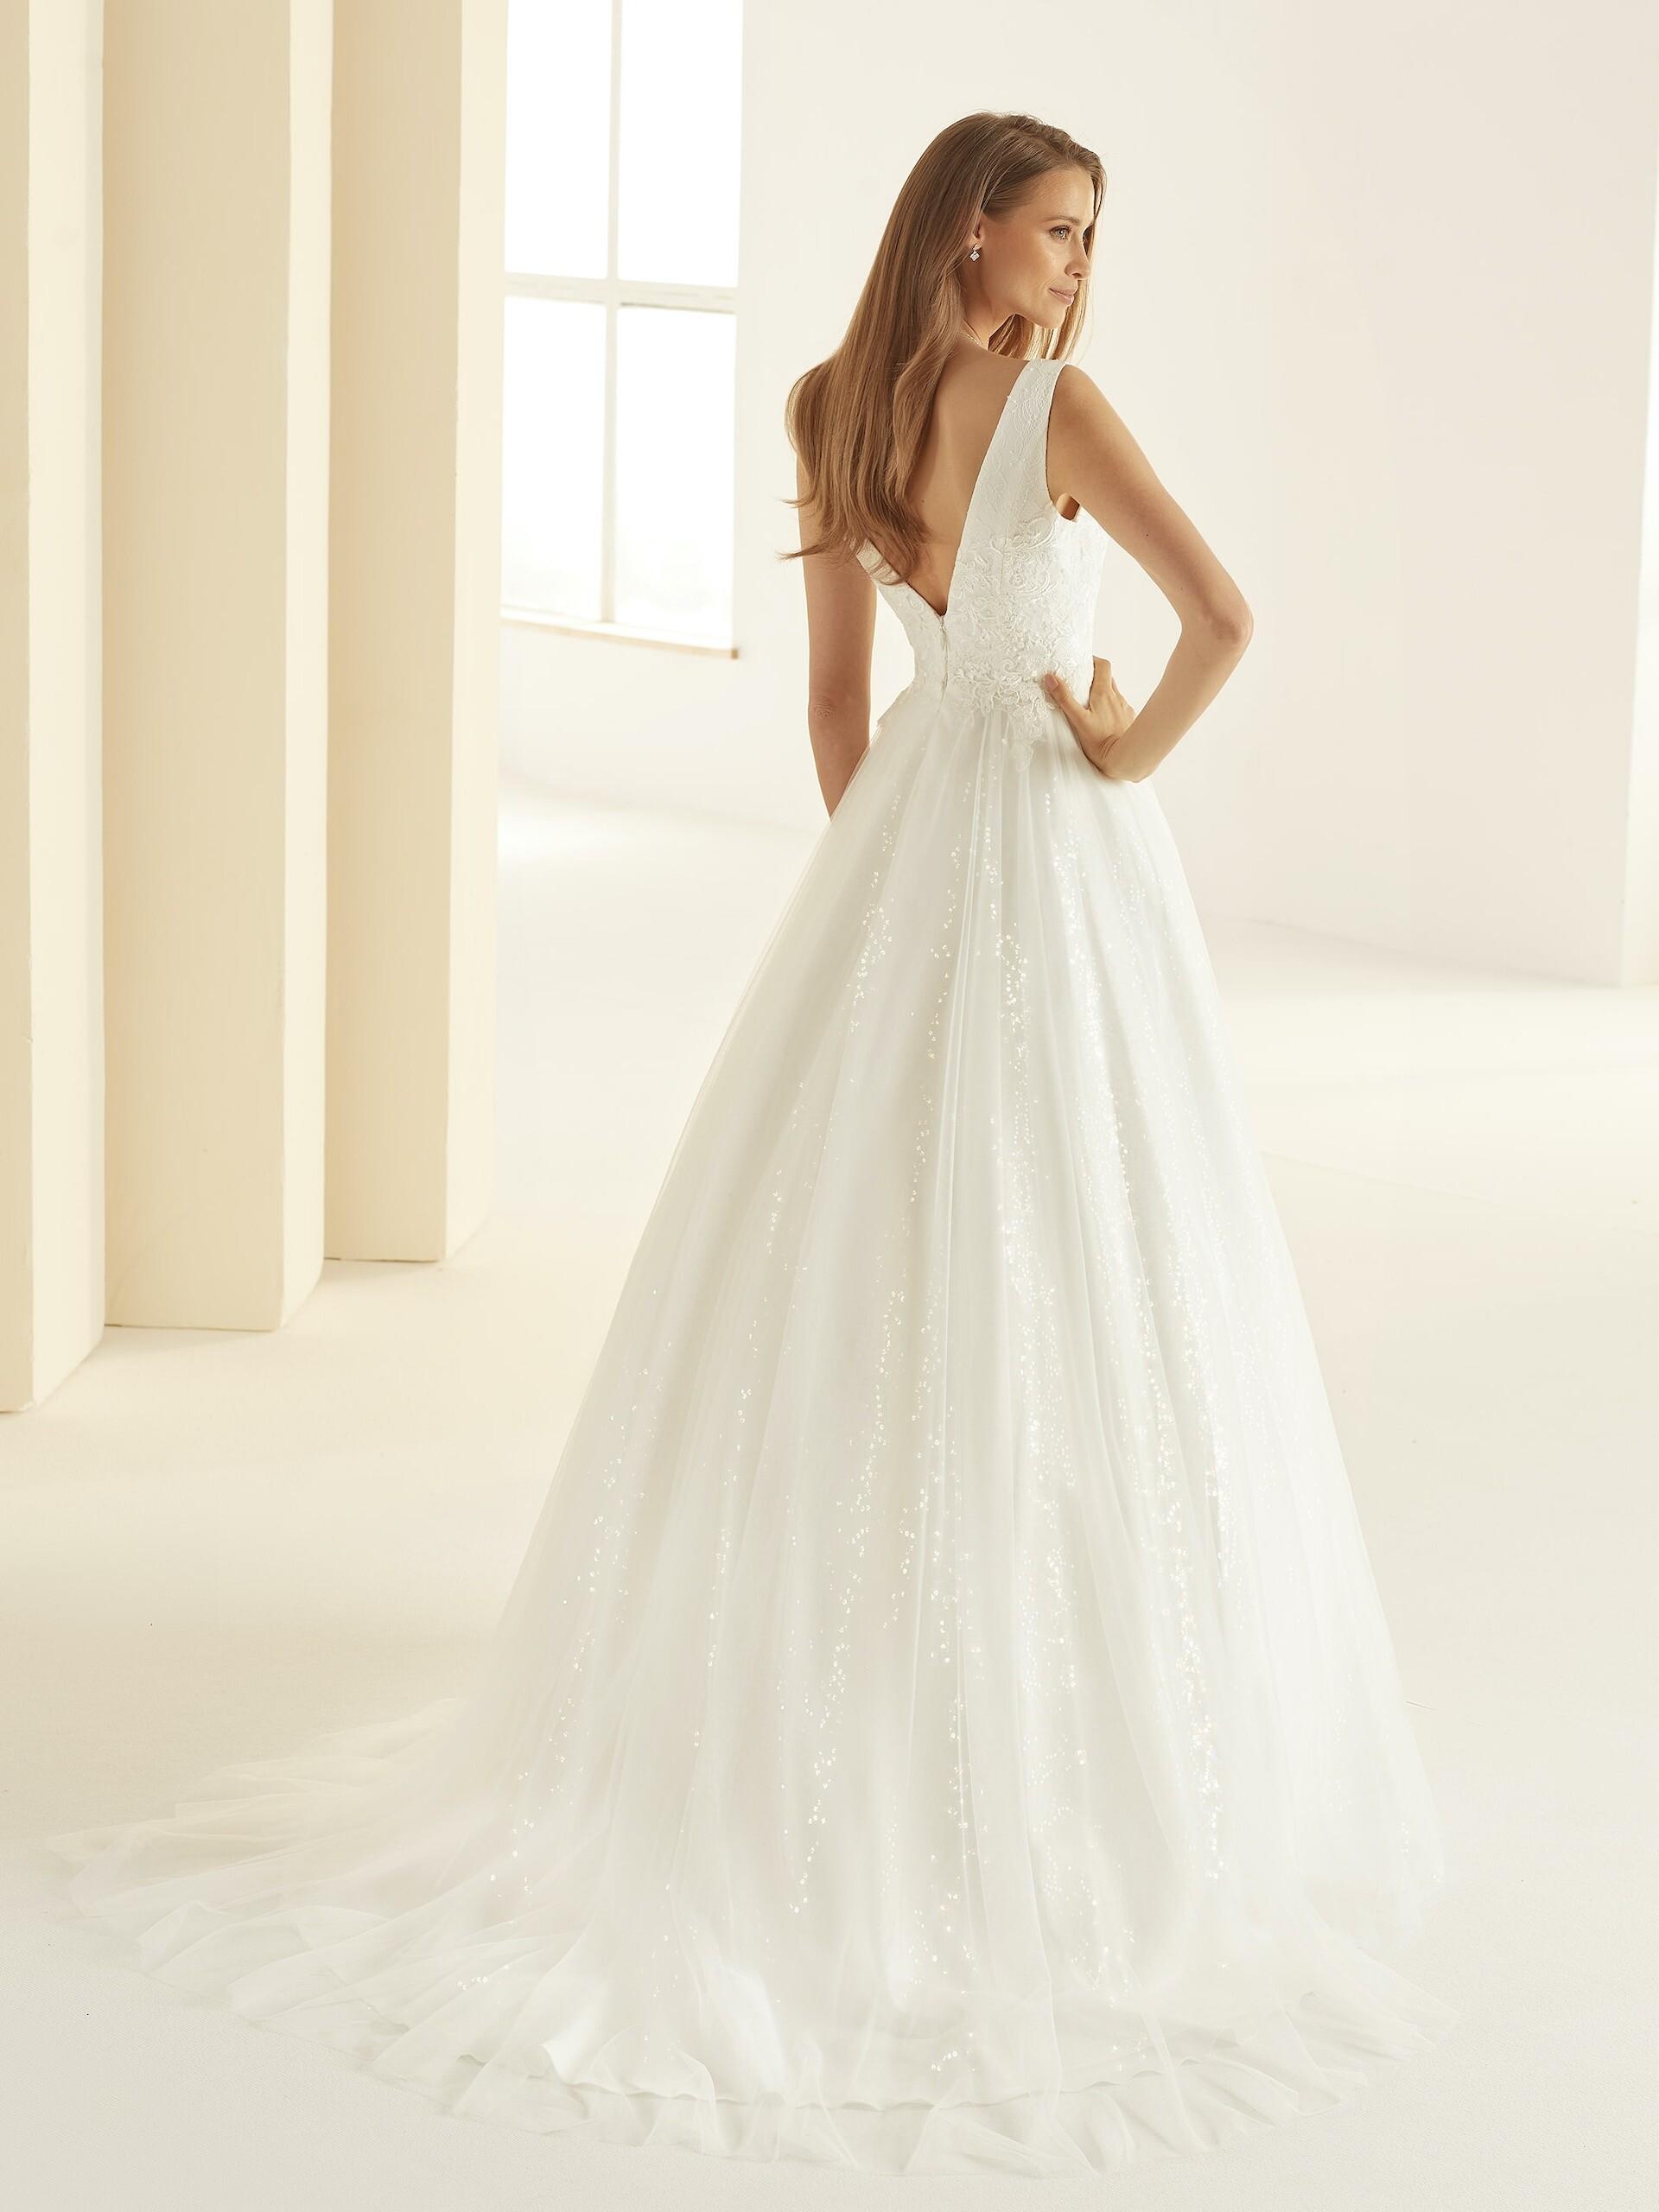 Prinzessbrautkleid mit Glitzertüllrock und Plunge-Ausschnitt von Bianco Evento, Modell Larissa